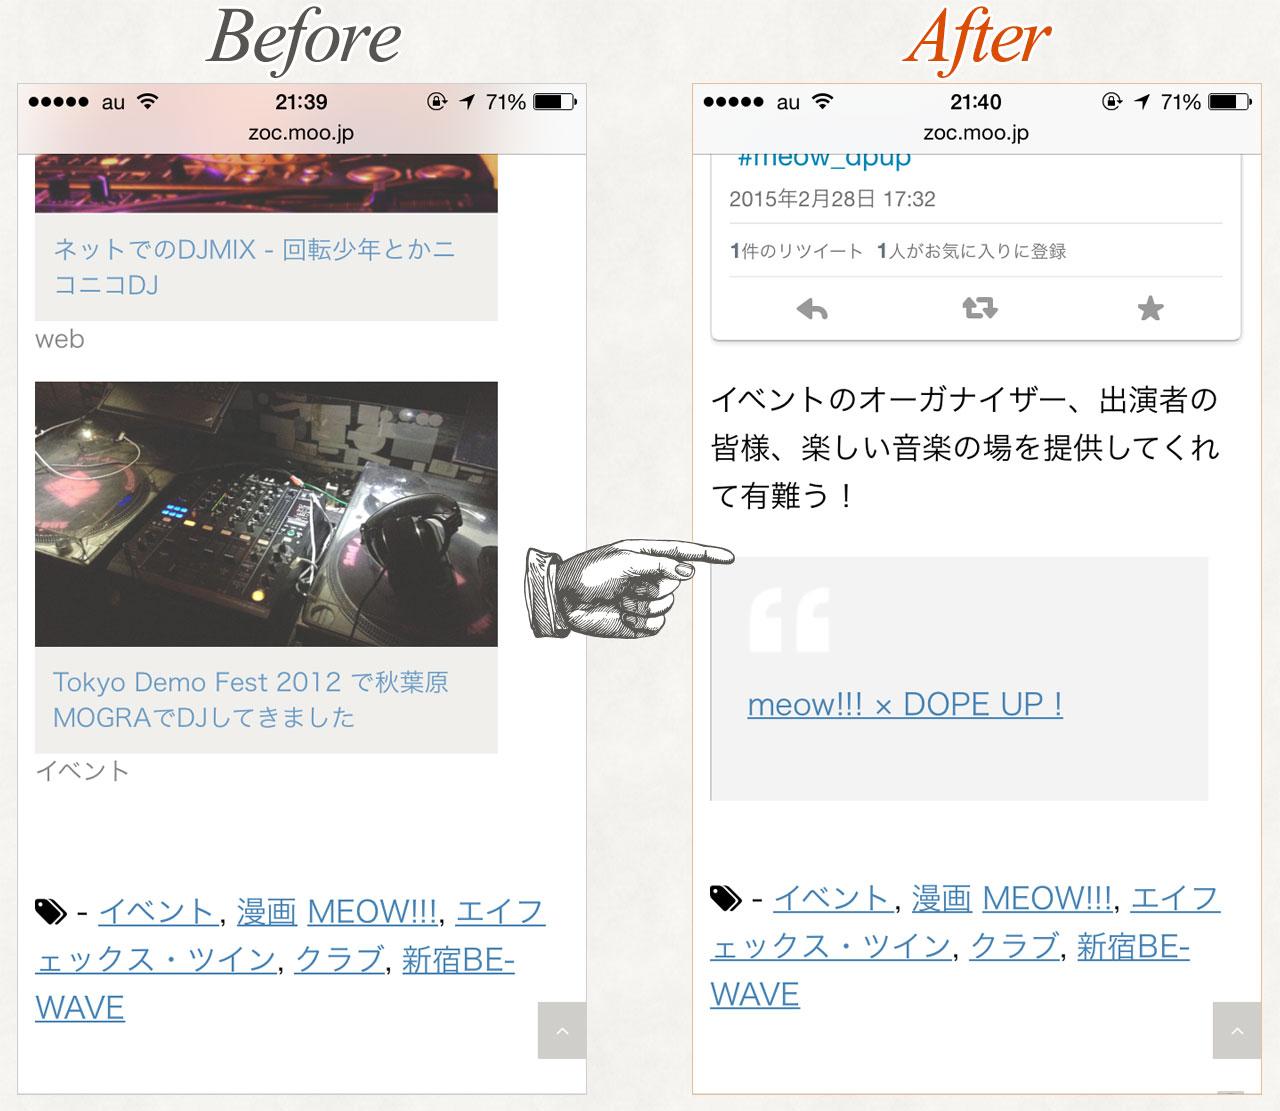 こちらもSafariで確認をして見ます。Beforeが左の画像、カスタマイズ後のAfterが右の画像です。